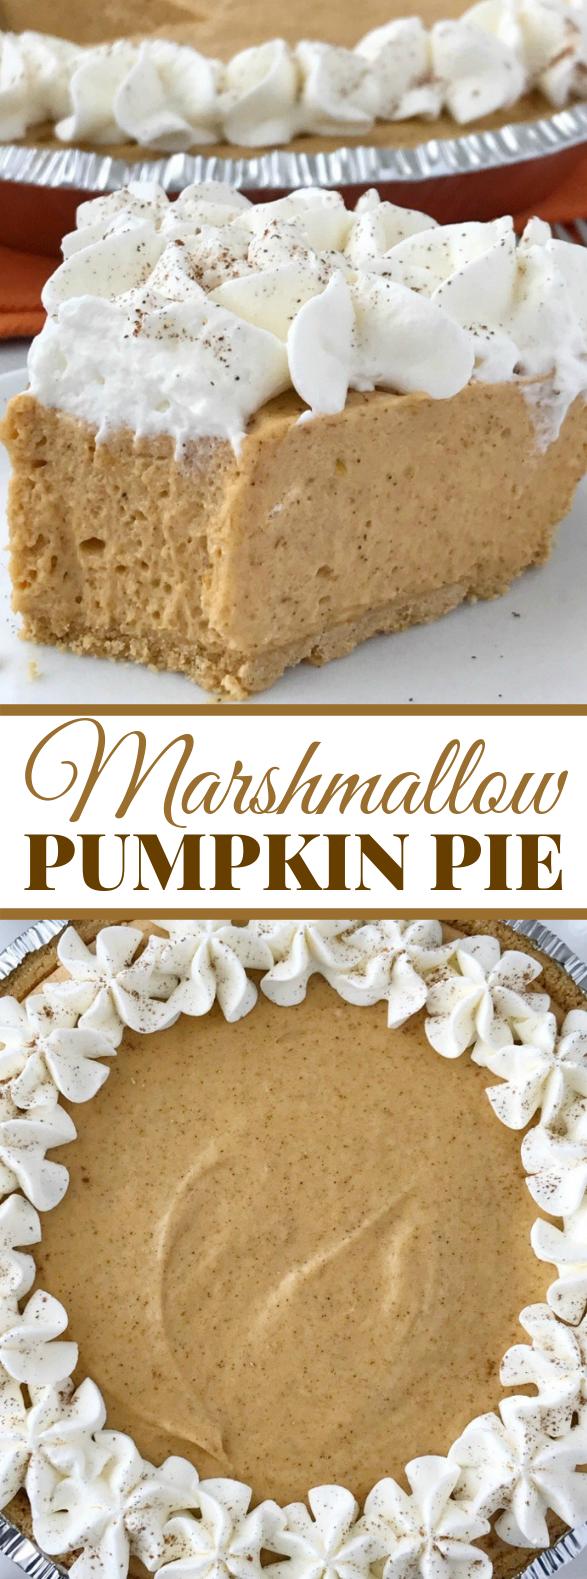 No Bake Marshmallow Pumpkin Pie #desserts #cake